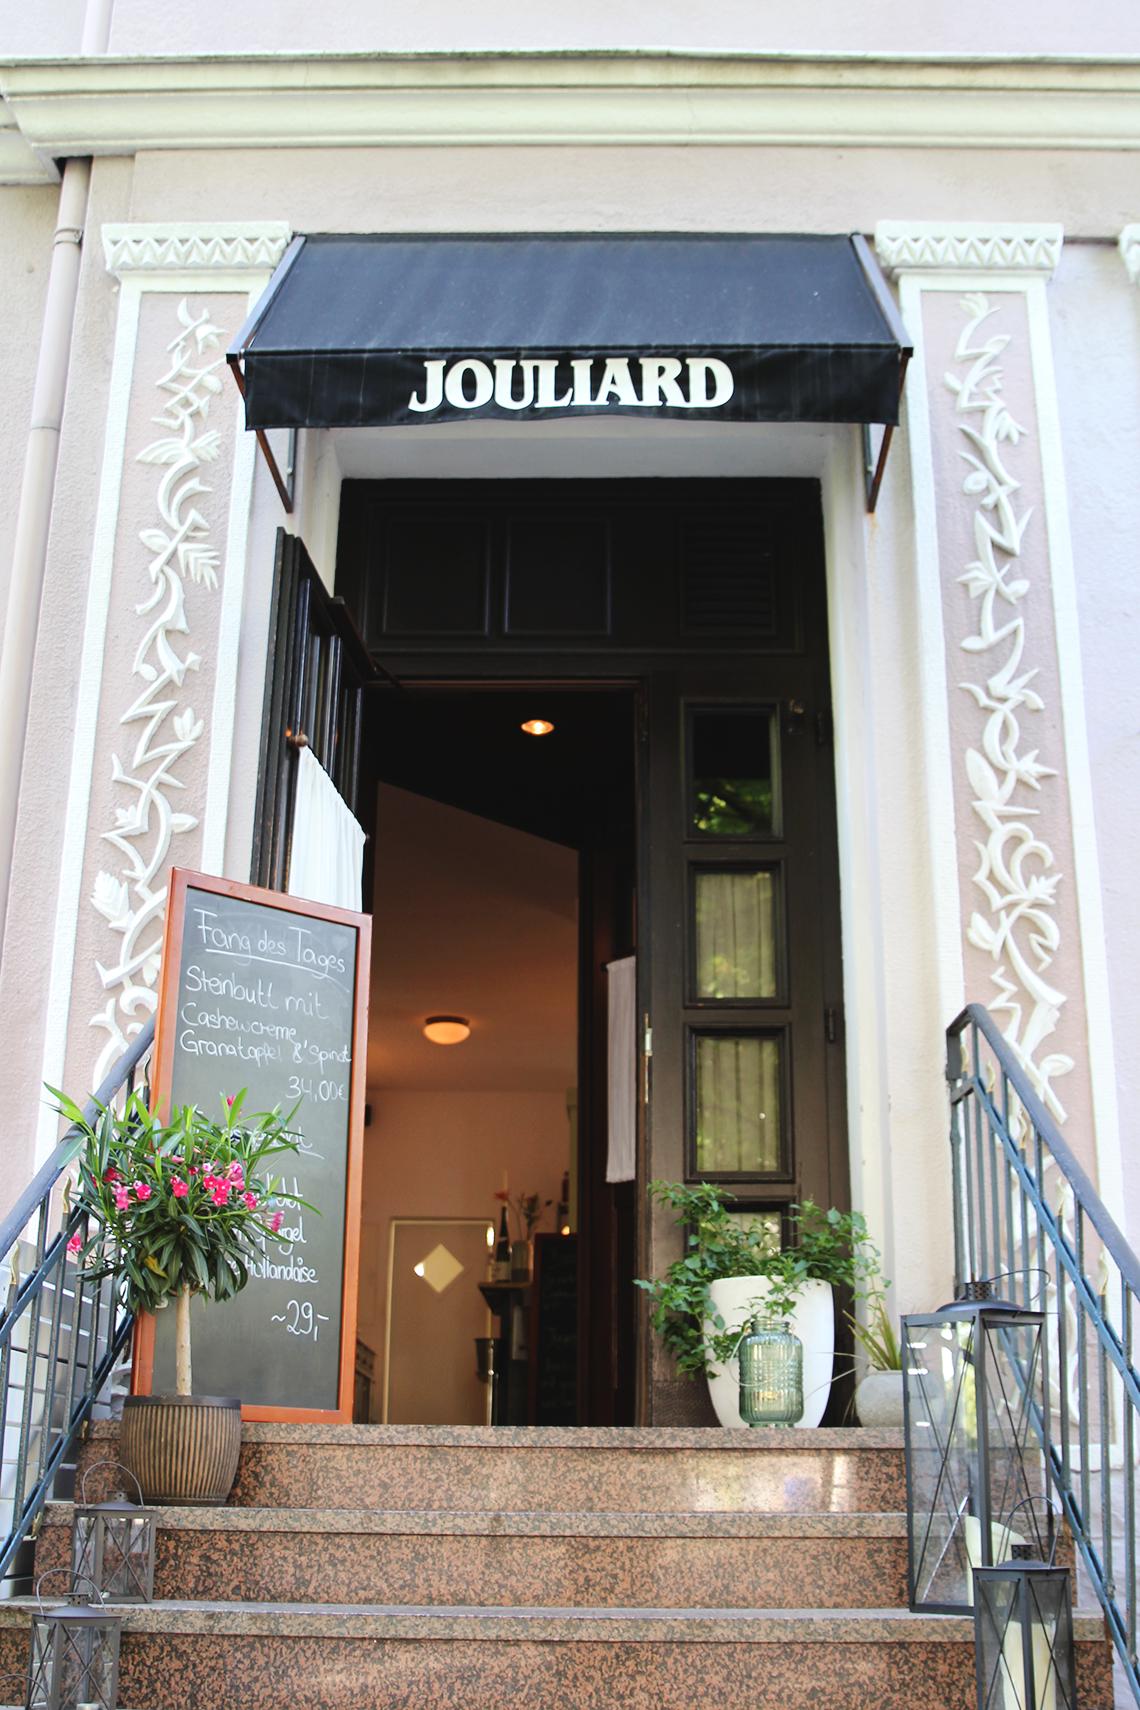 Jouliard5